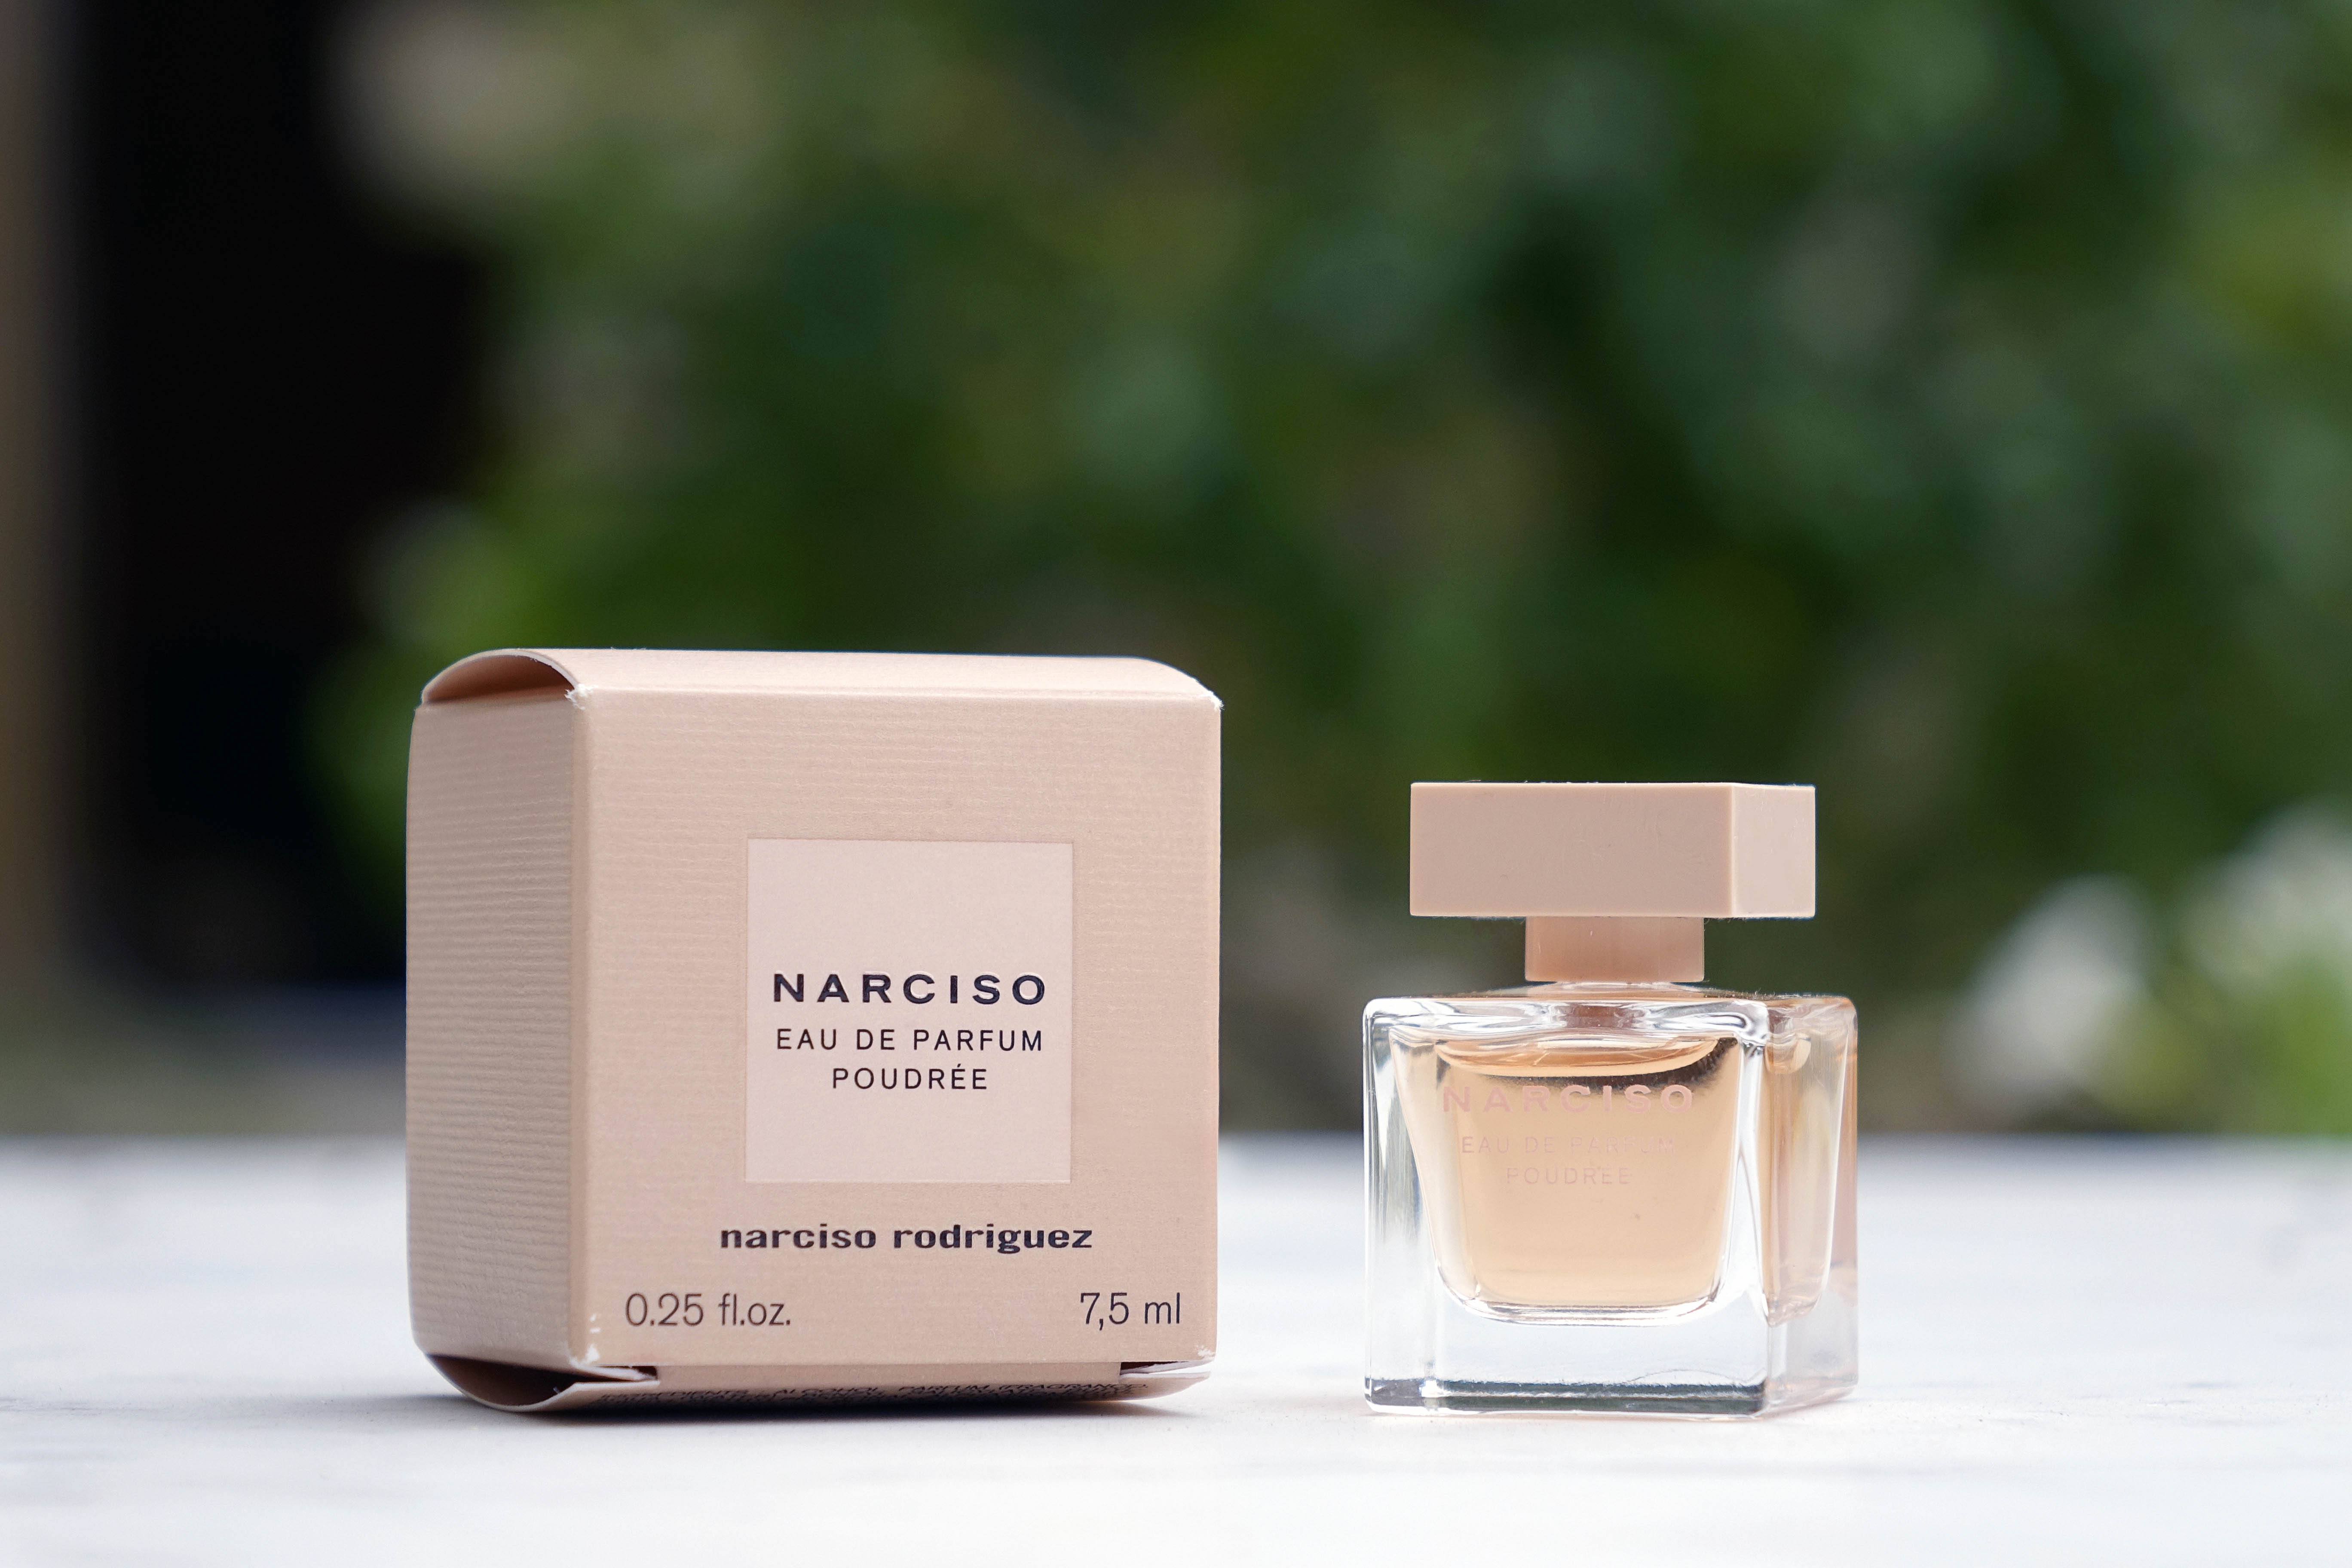 JANIS-EN-SUCRE-Narciso-Poudrée-08a